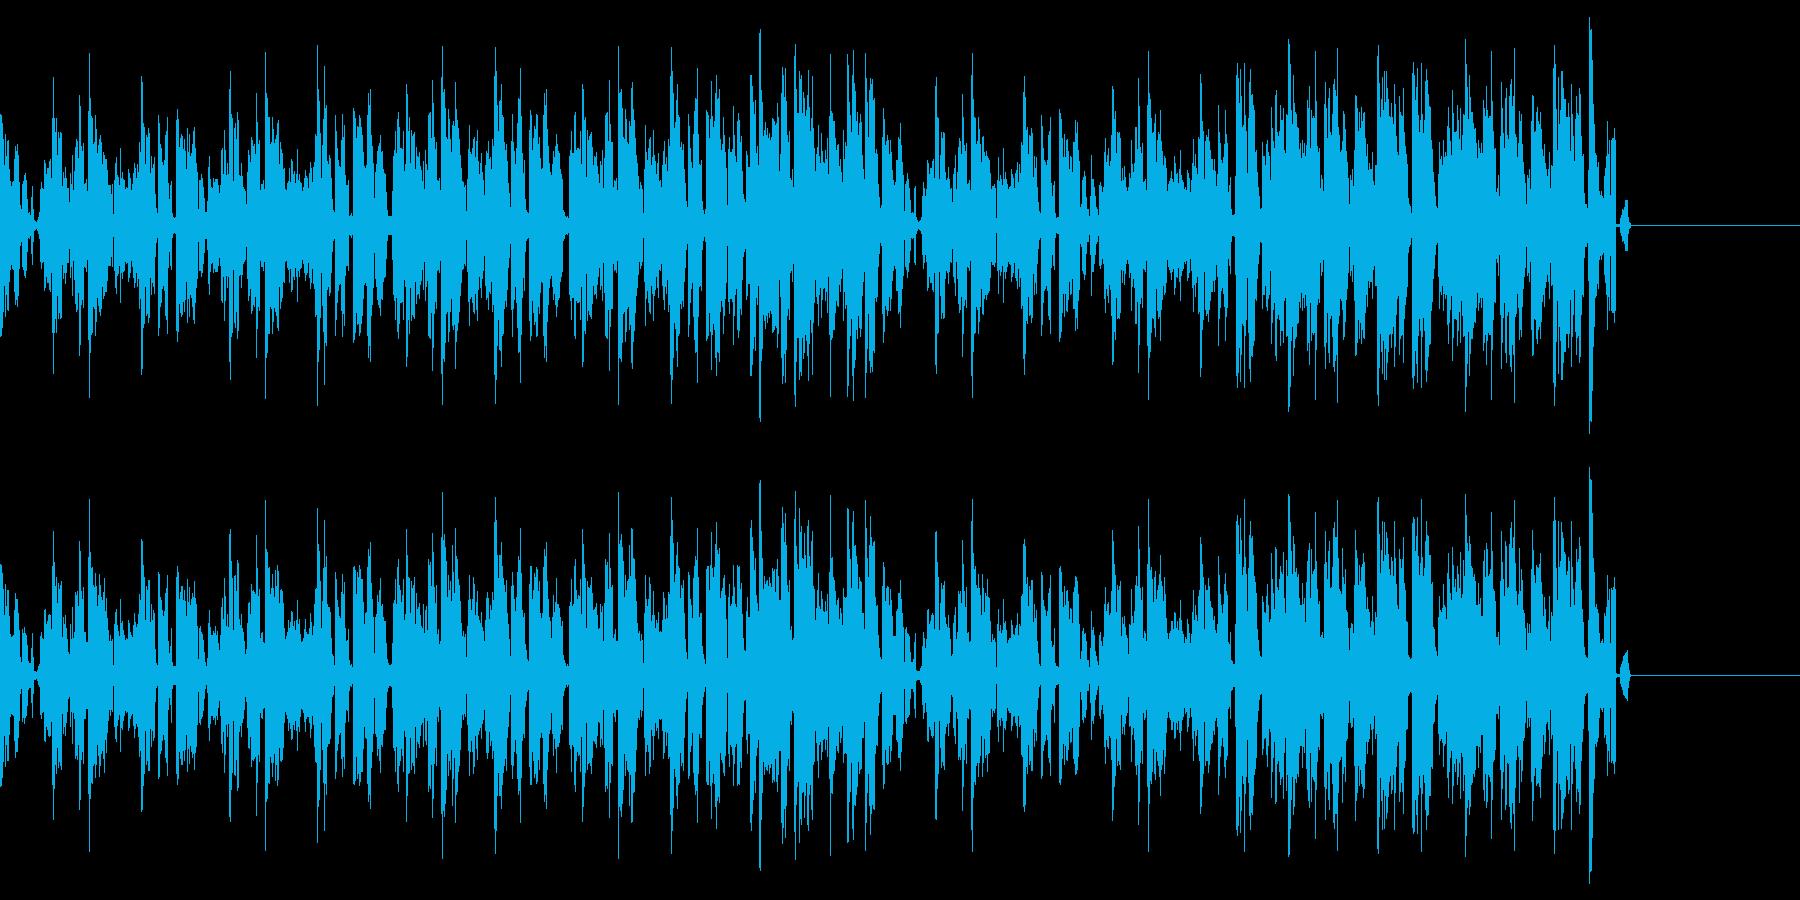 現代風ピアノ クリエイティブな映像やCMの再生済みの波形